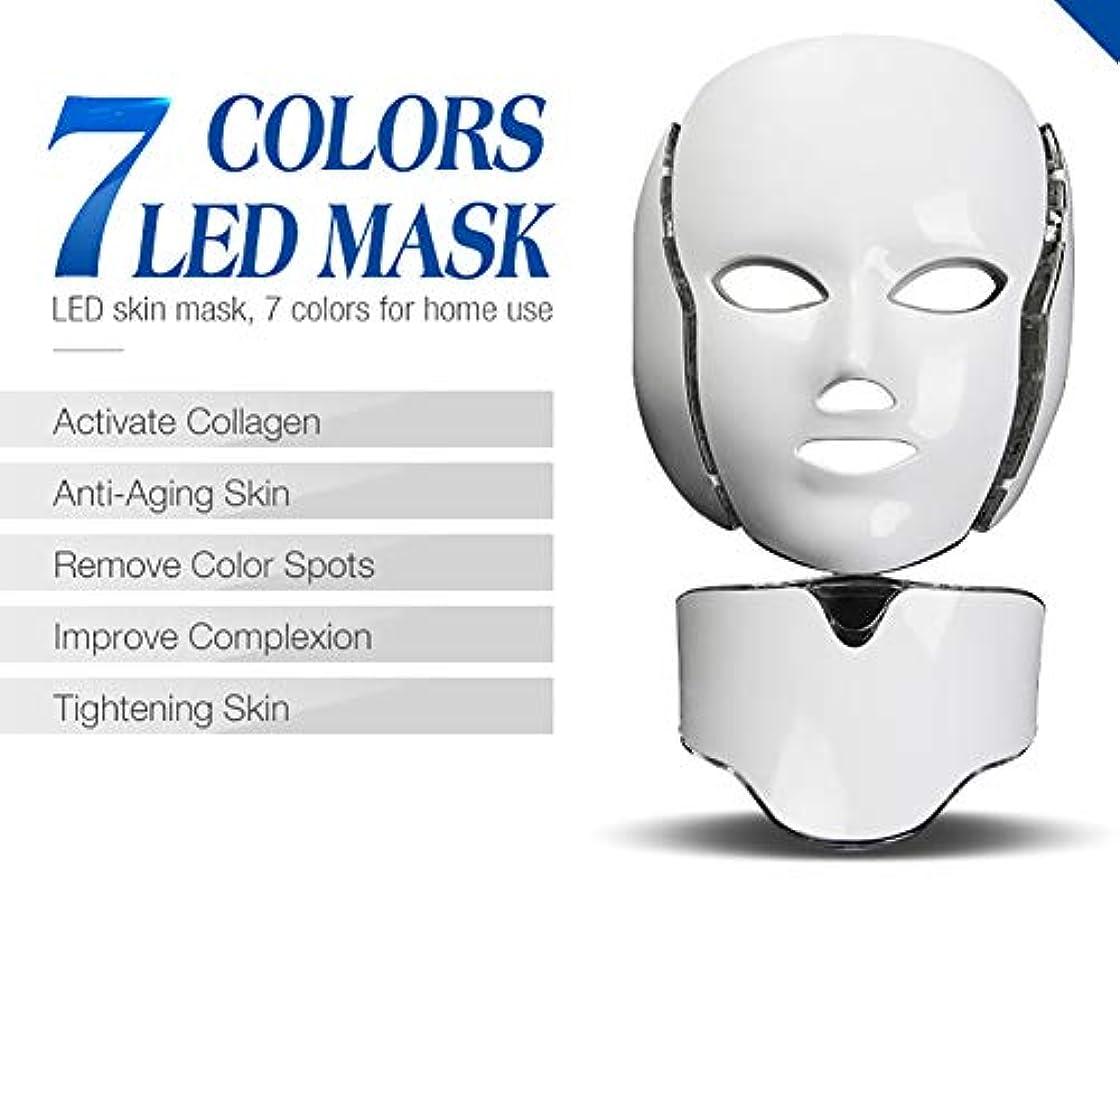 贅沢な驚くばかりリズム7色ledフェイスマスク、7色電気ledフェイシャルマスク付きネック肌の若返り抗にきびシワ美容トリートメントサロンホームユース